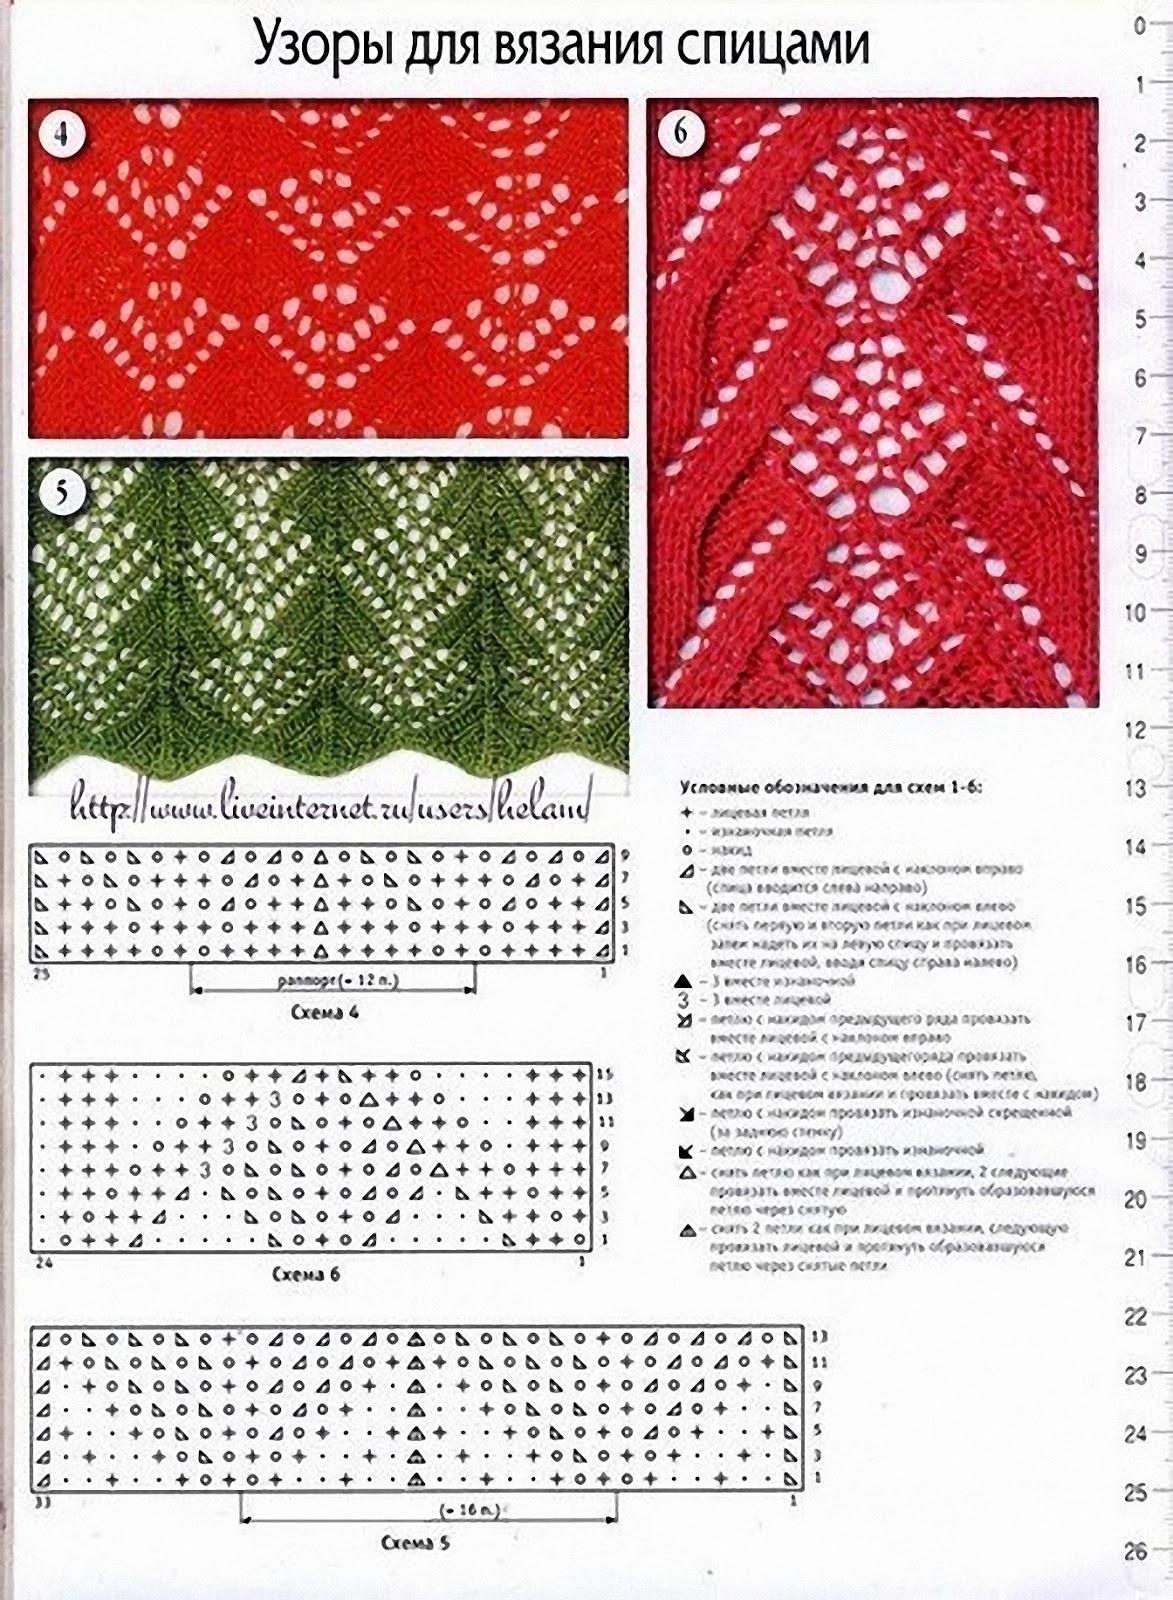 Узоры для вязания спицами » Более 750 схем с описанием 74